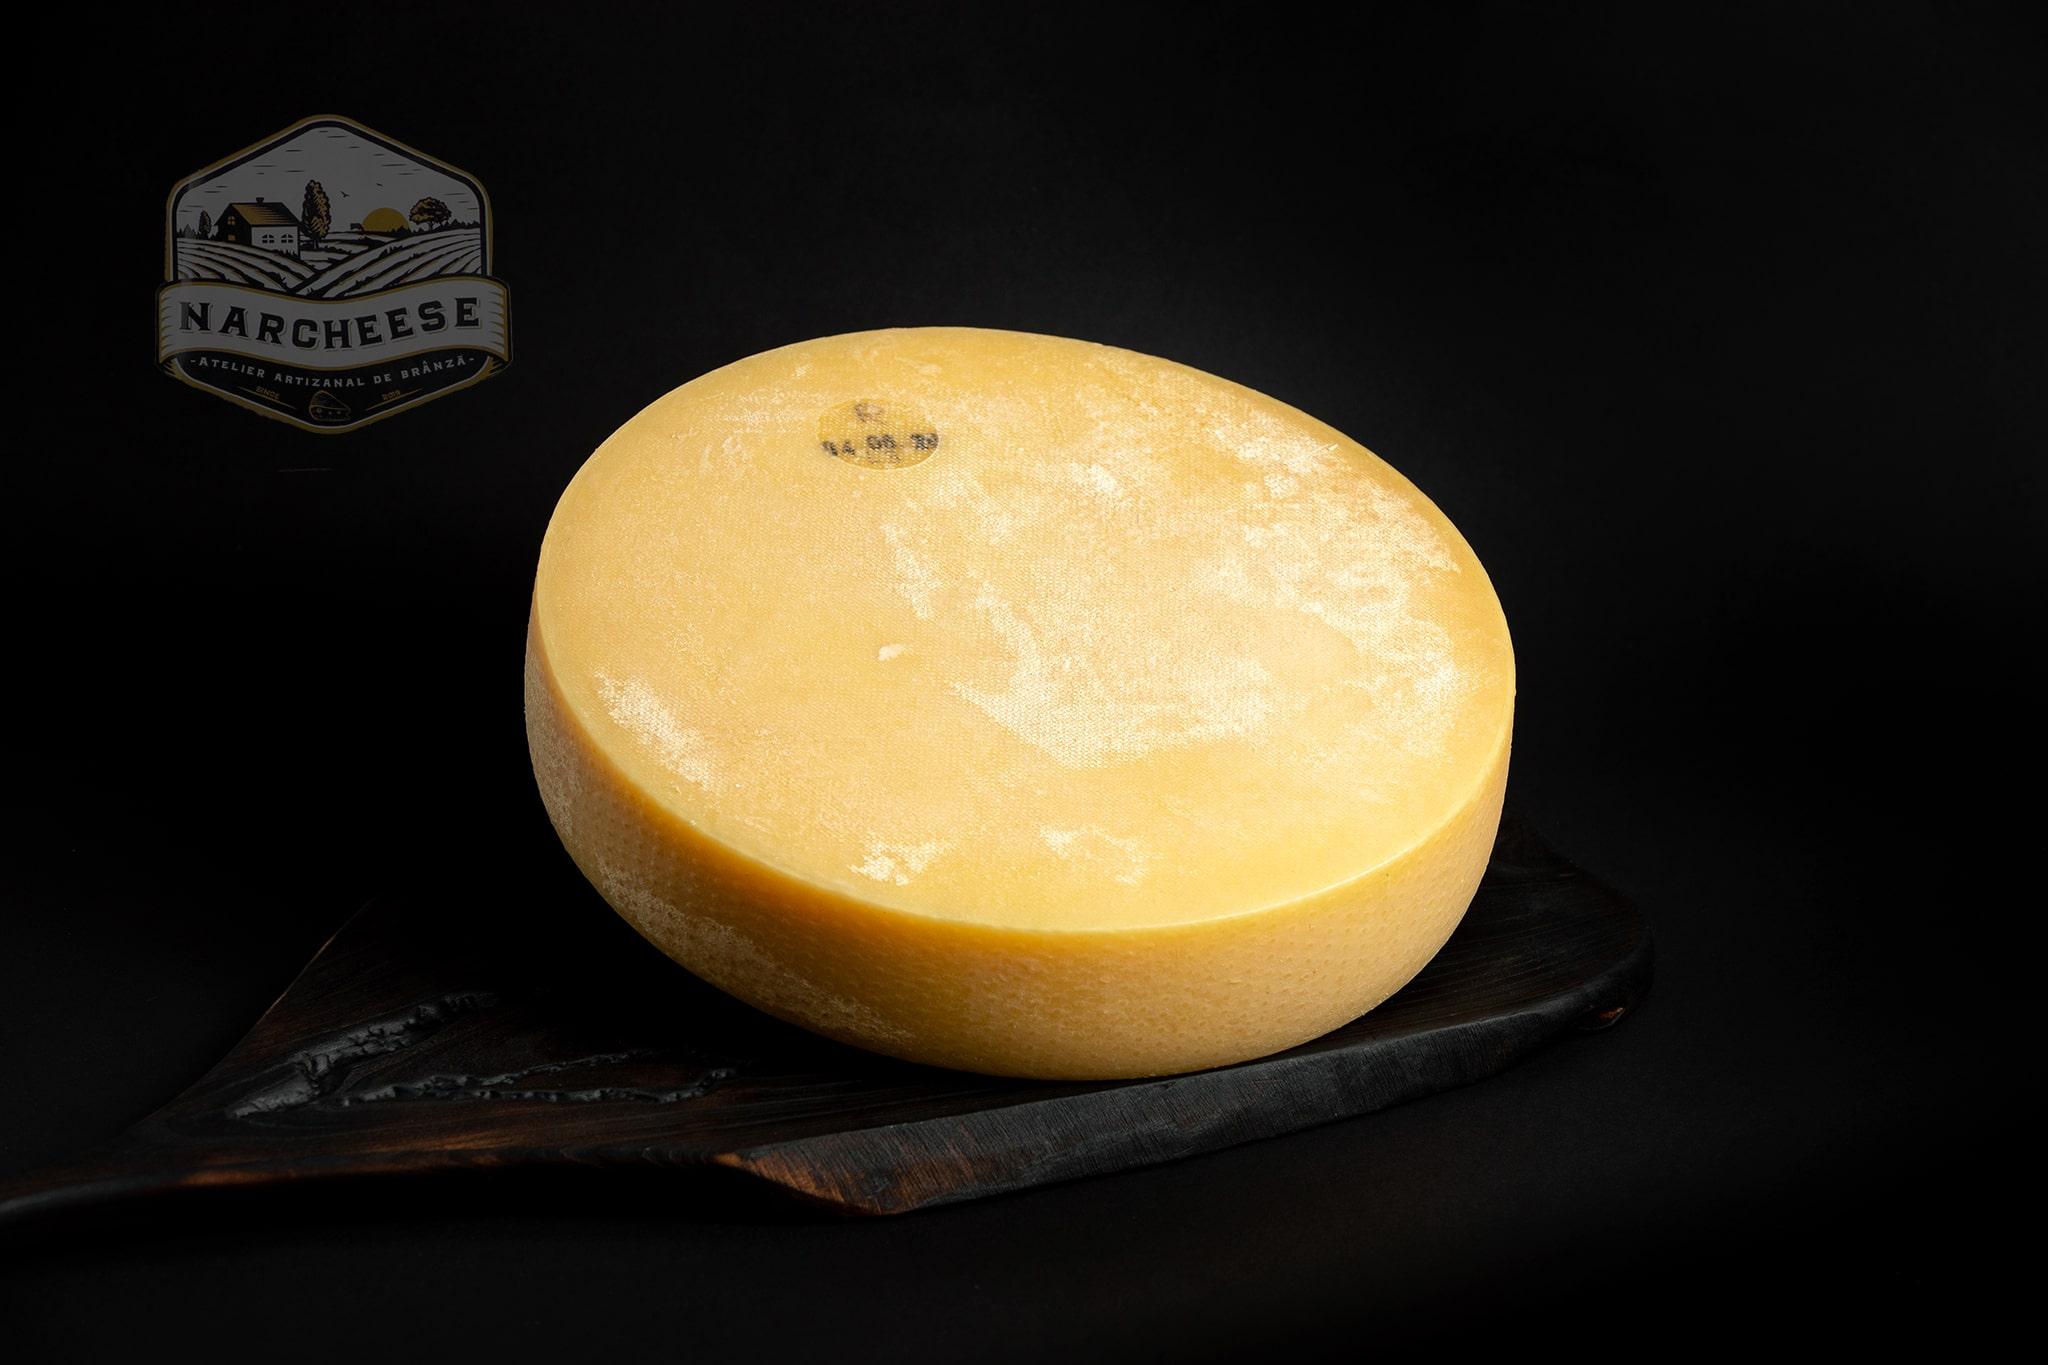 """Raclette este o specialitate 'valaisanne"""", autentica din muntii Elvetieni, din regiunea 'Valais"""". Aceasta branza este produsa dupa obiceiuri locale, dupa o reteta care se respecta cu strictete!"""